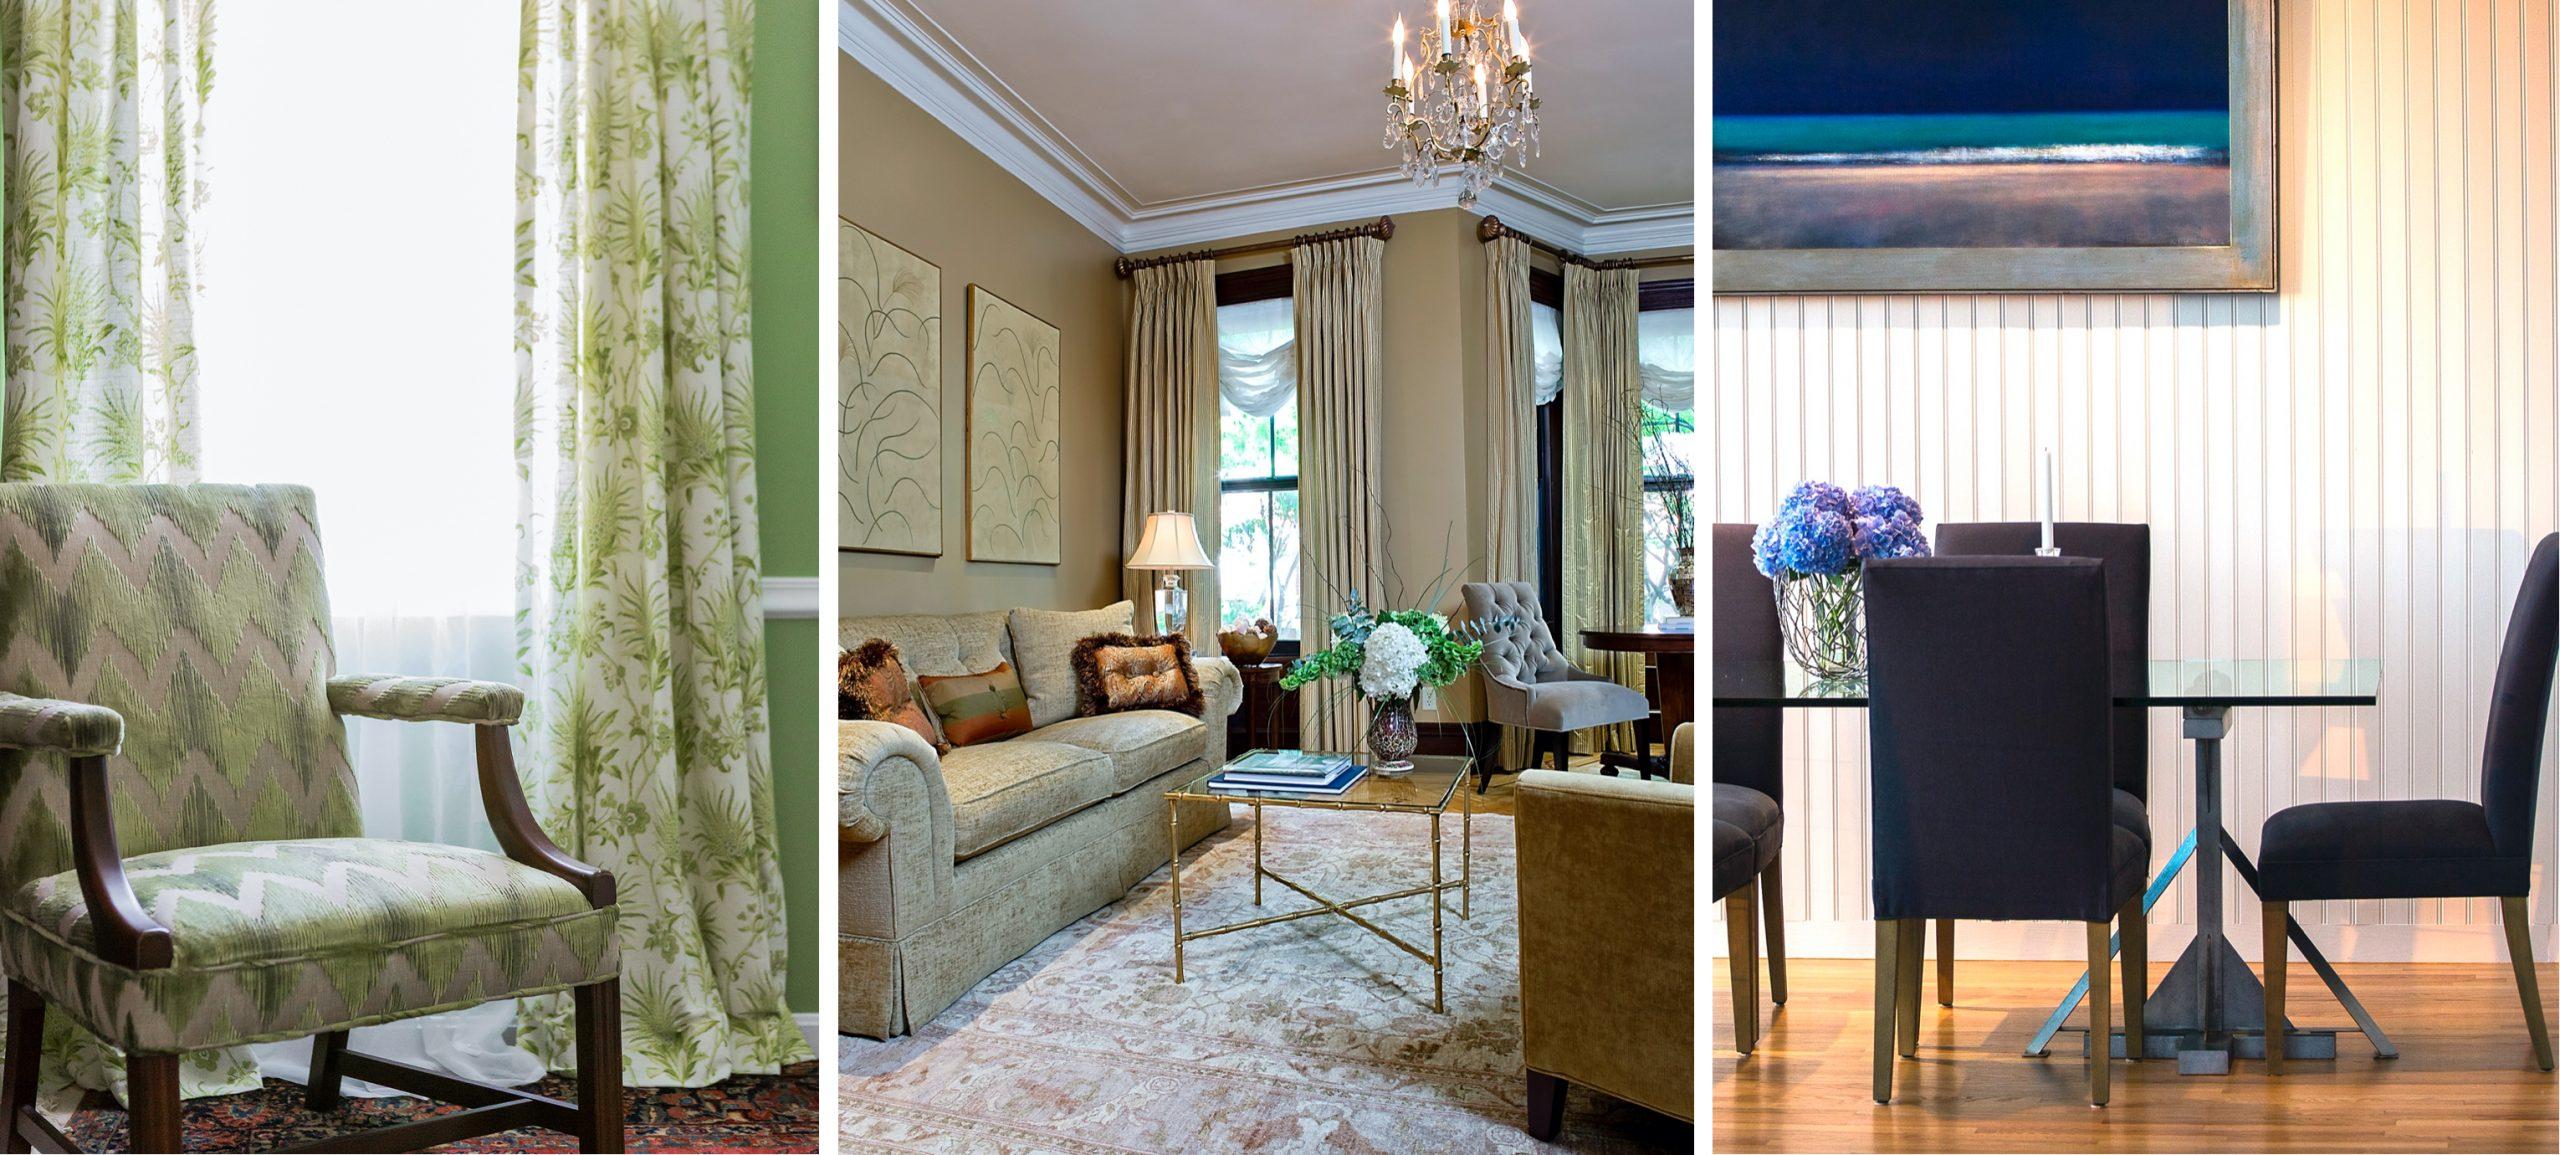 Linda Merrill Decorative Surroundings South Shore Boston Cape Cod interior design and decorating